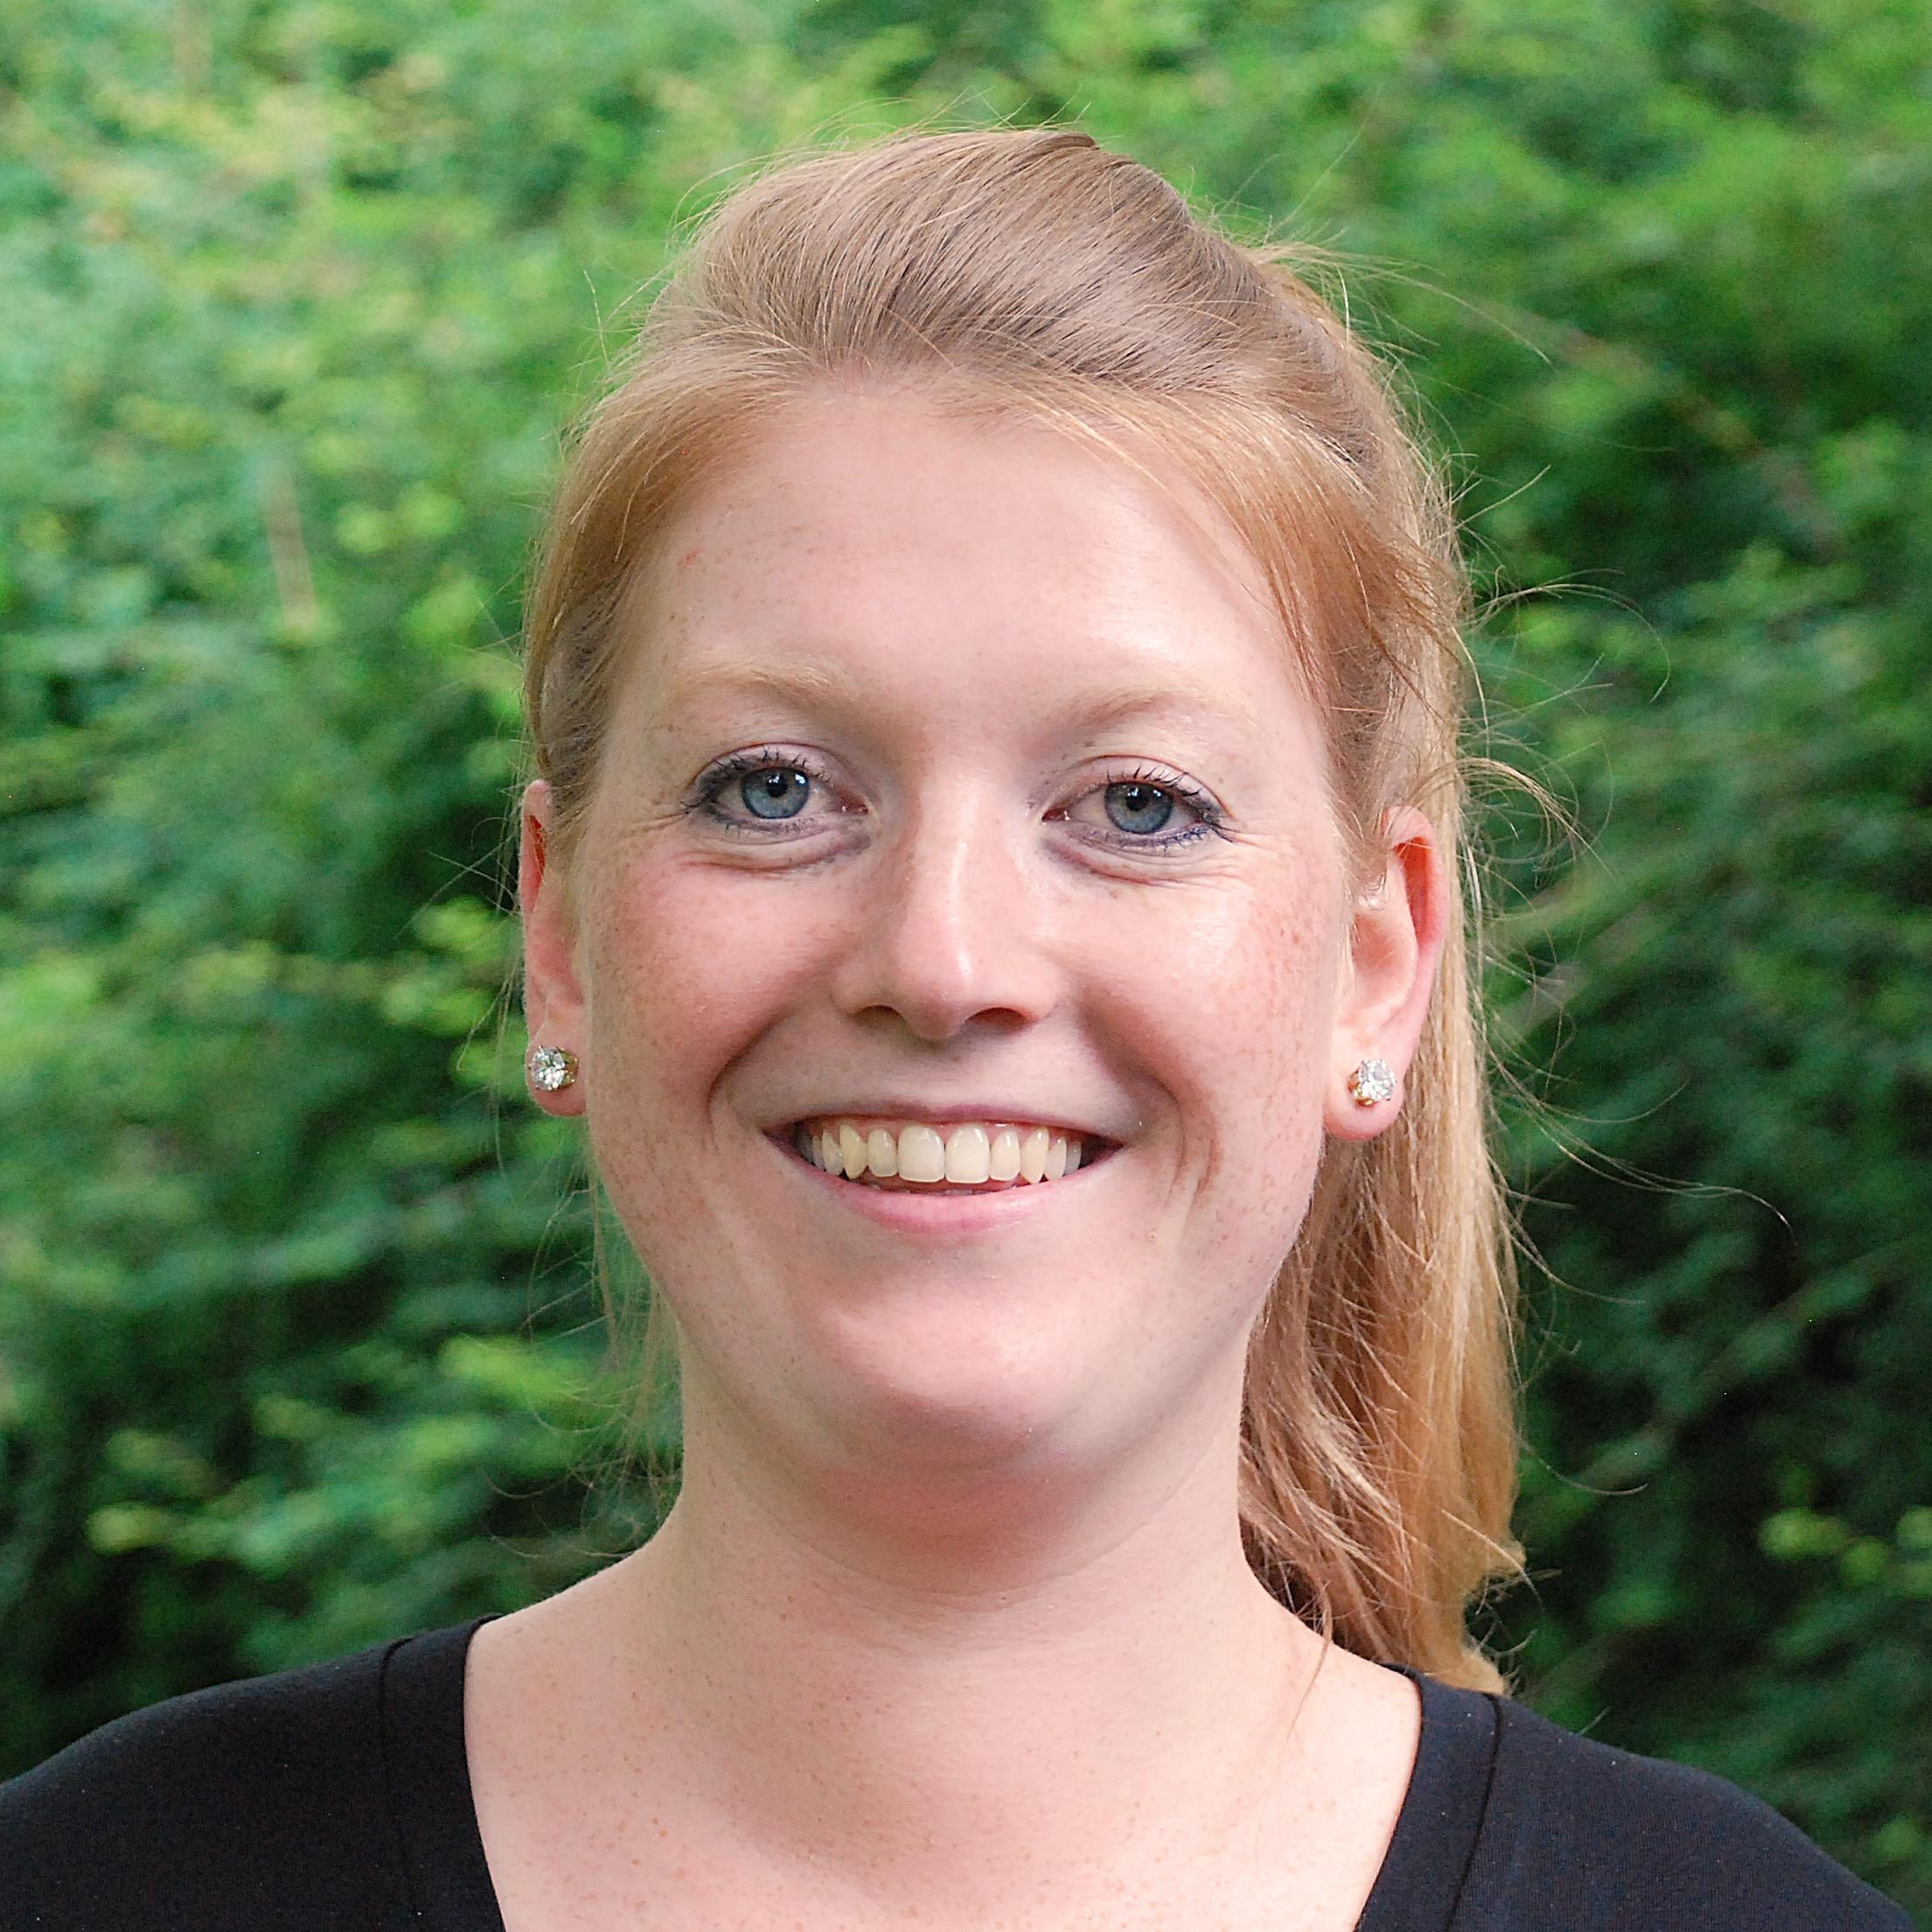 Laura Van de Voorde